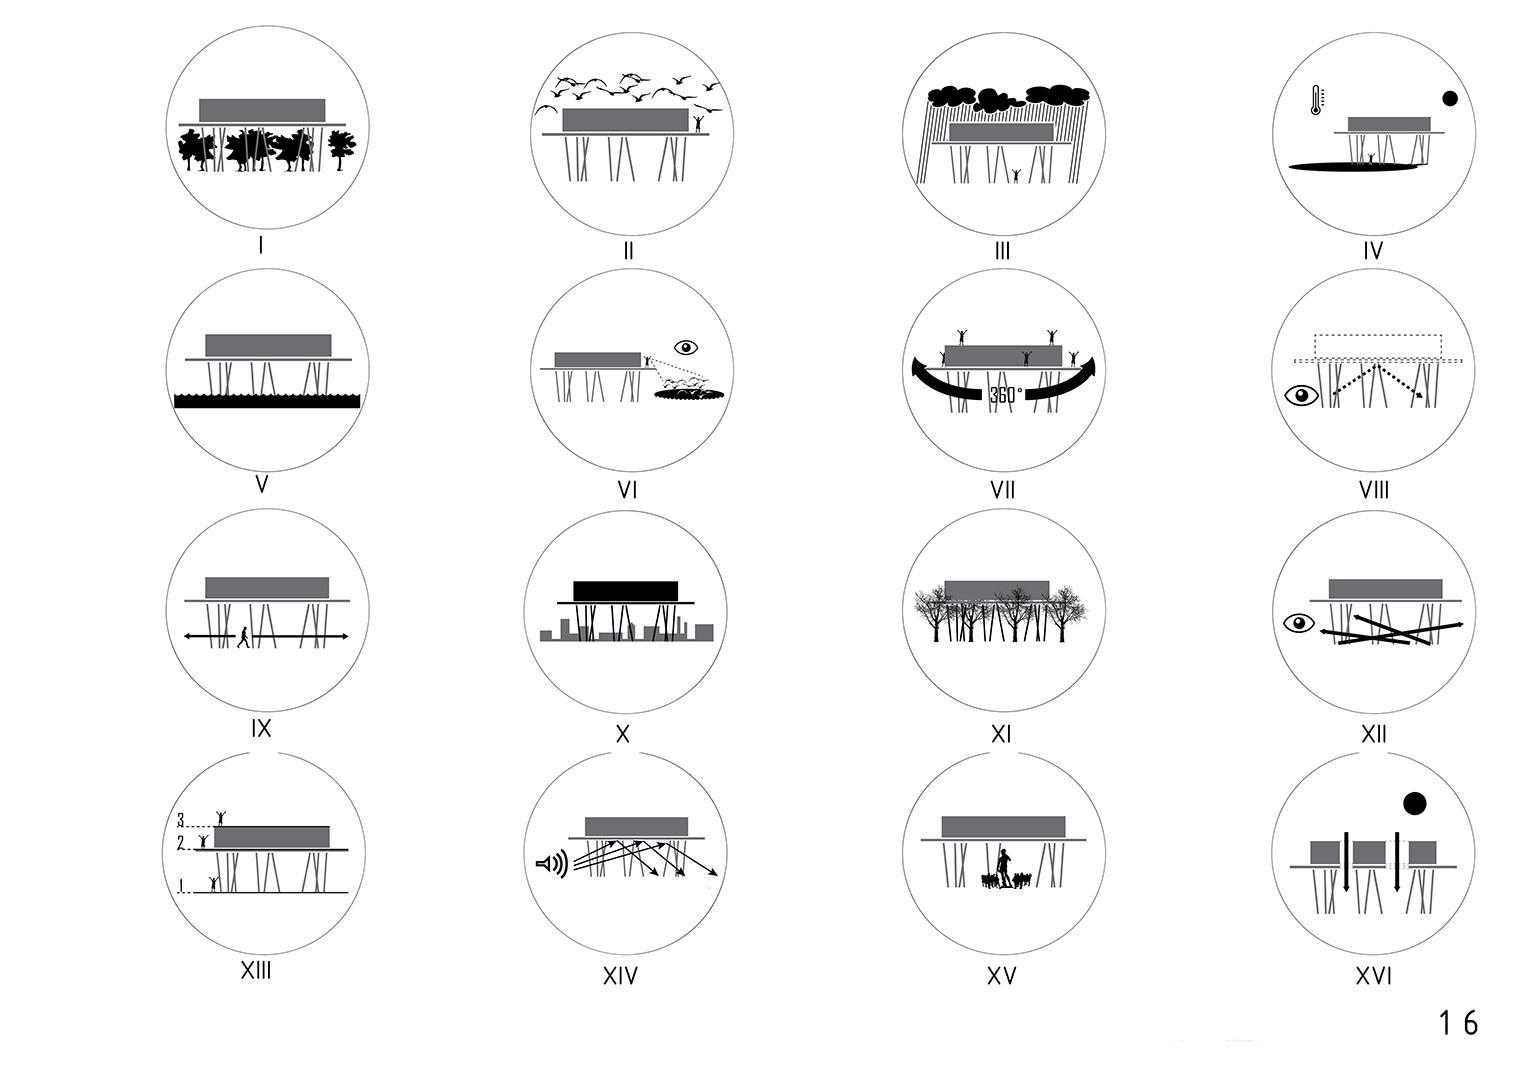 Pawilon edukacyjny - schemat ideowy 1